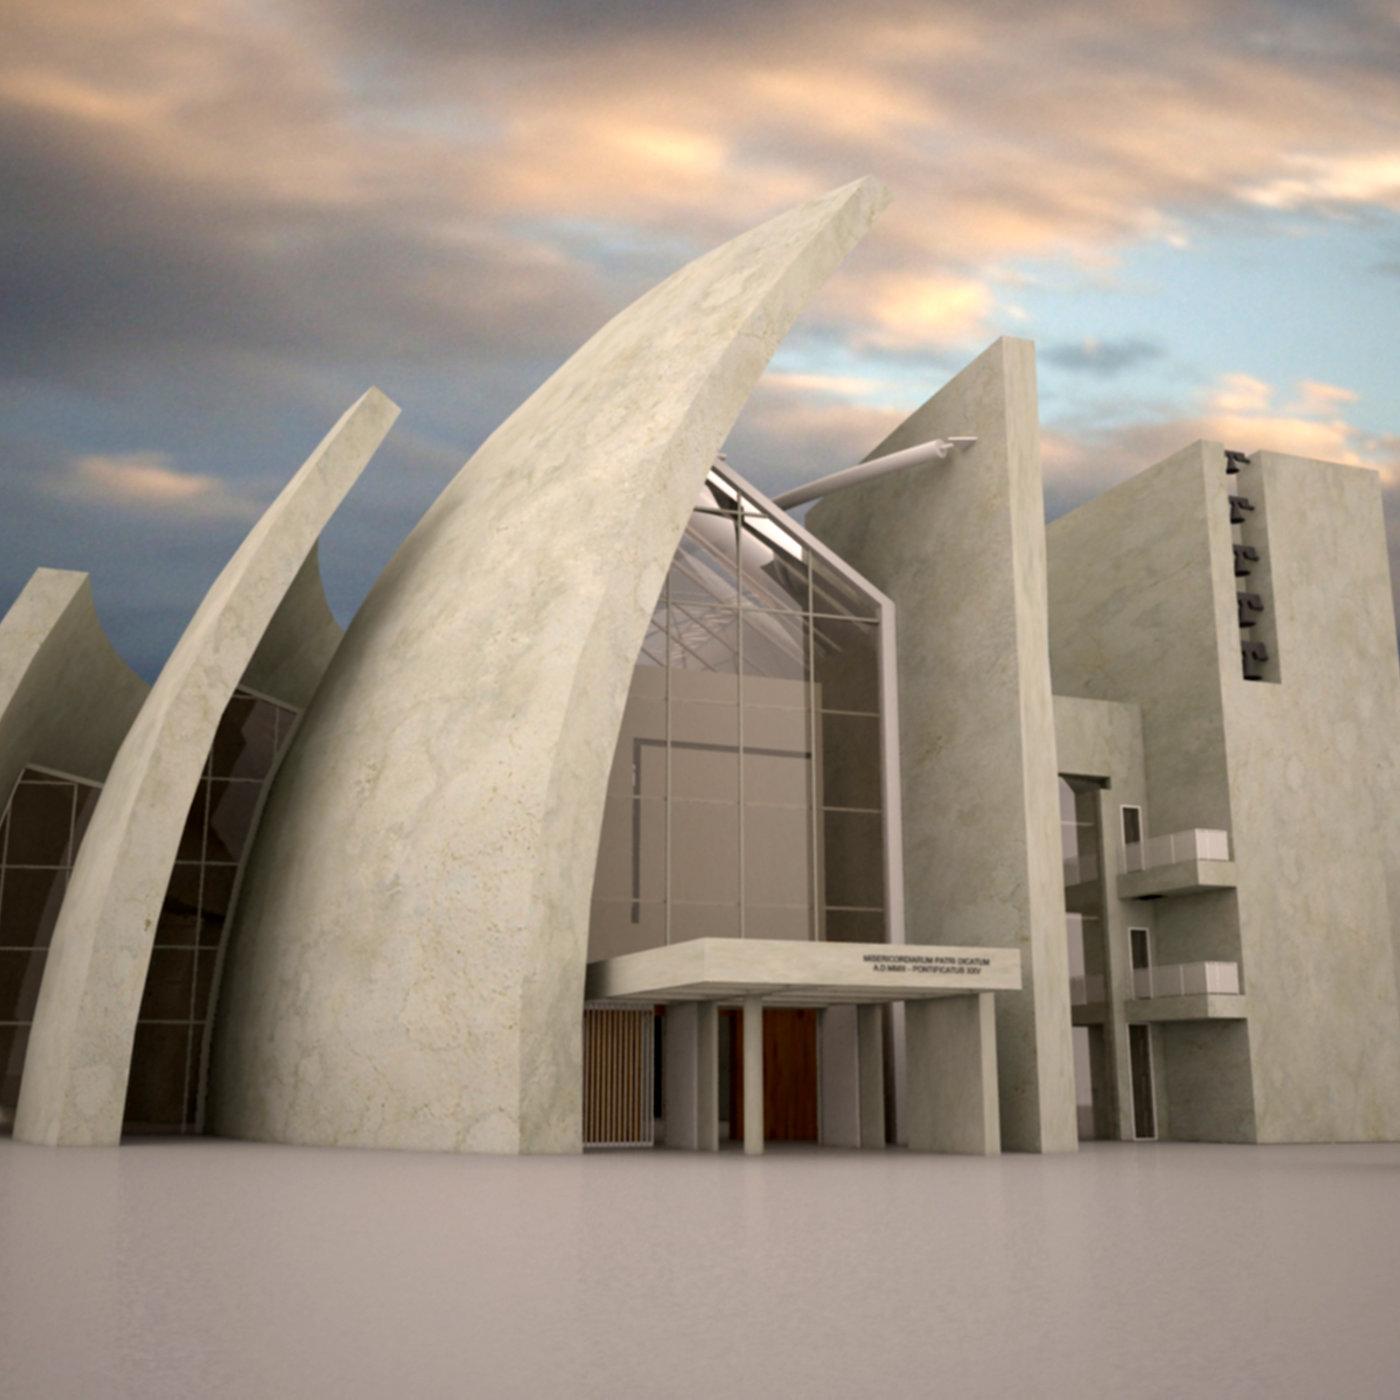 Roma Millenium church